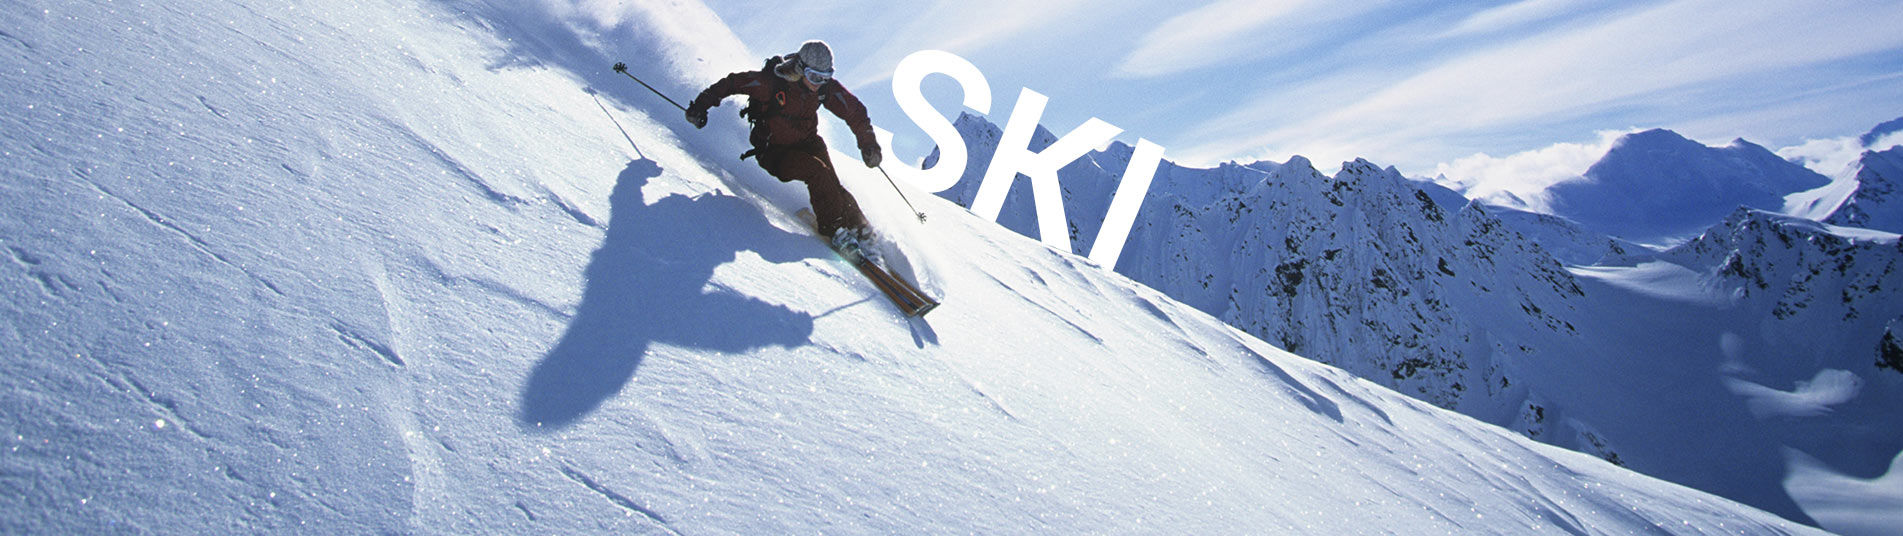 Skieur à la neige